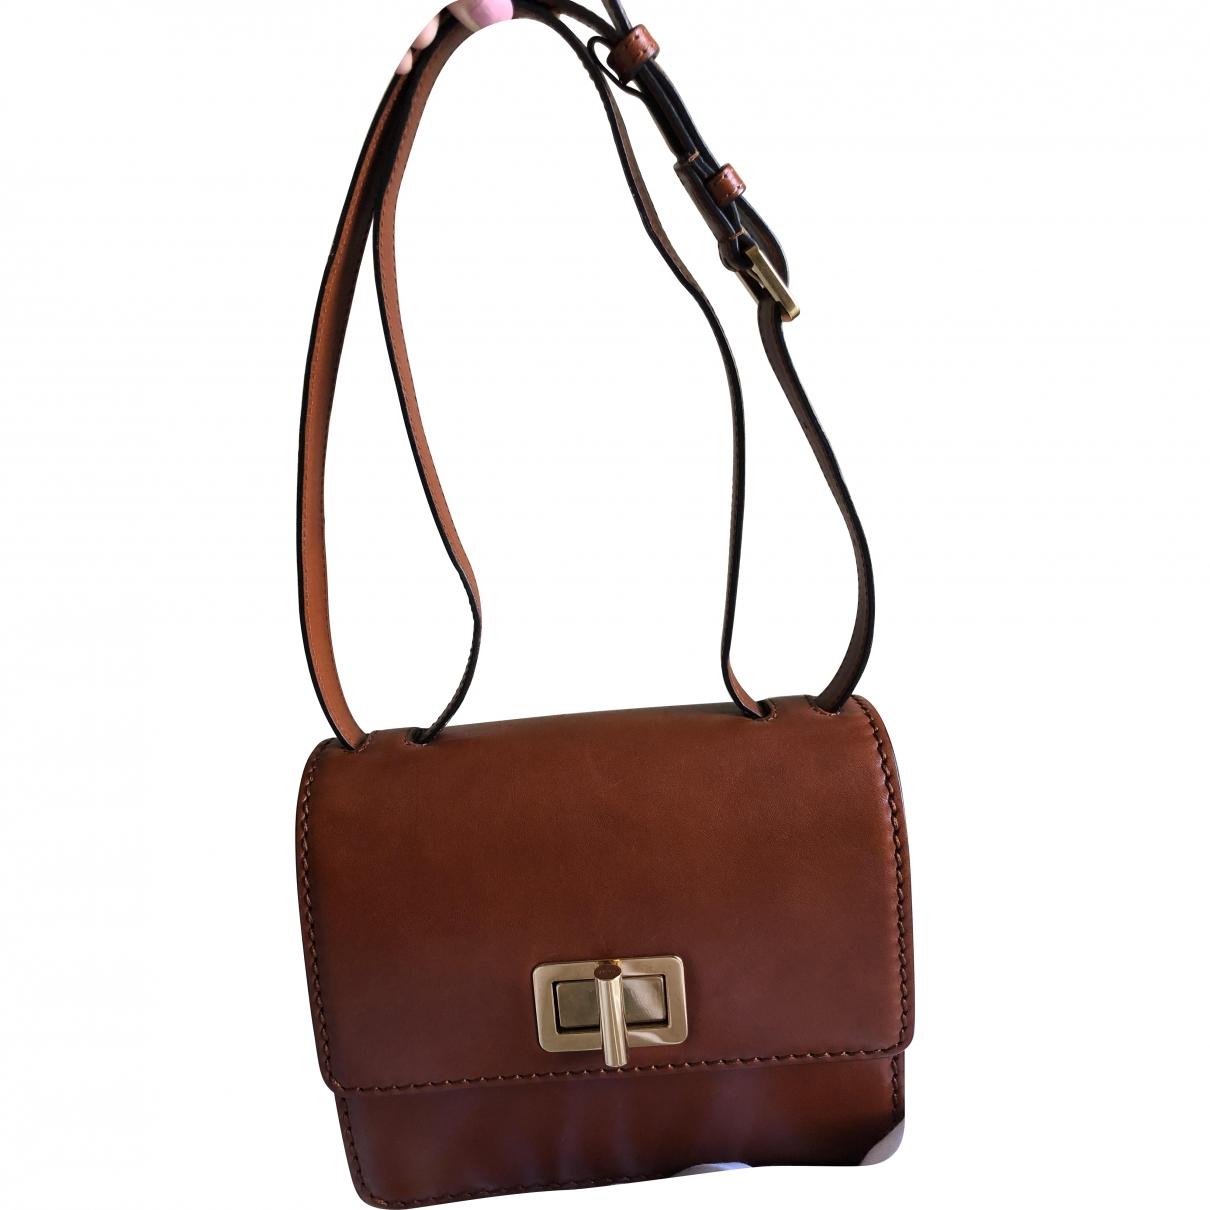 Chloe \N Handtasche in  Braun Leder